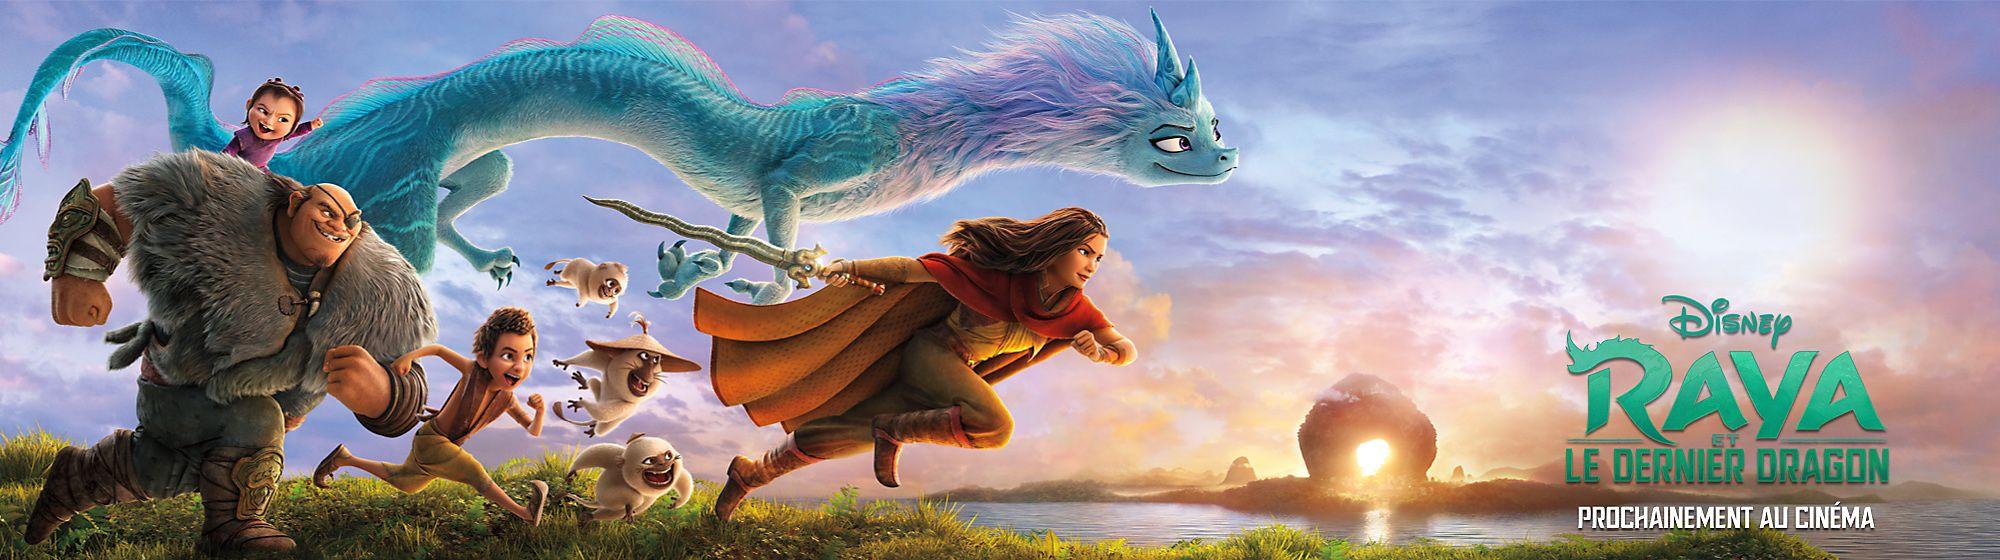 Raya et le Dernier Dragon Retrouvez le monde magique de Raya and the Last Dragon avec nos jouets, vêtements, déguisements et plus.